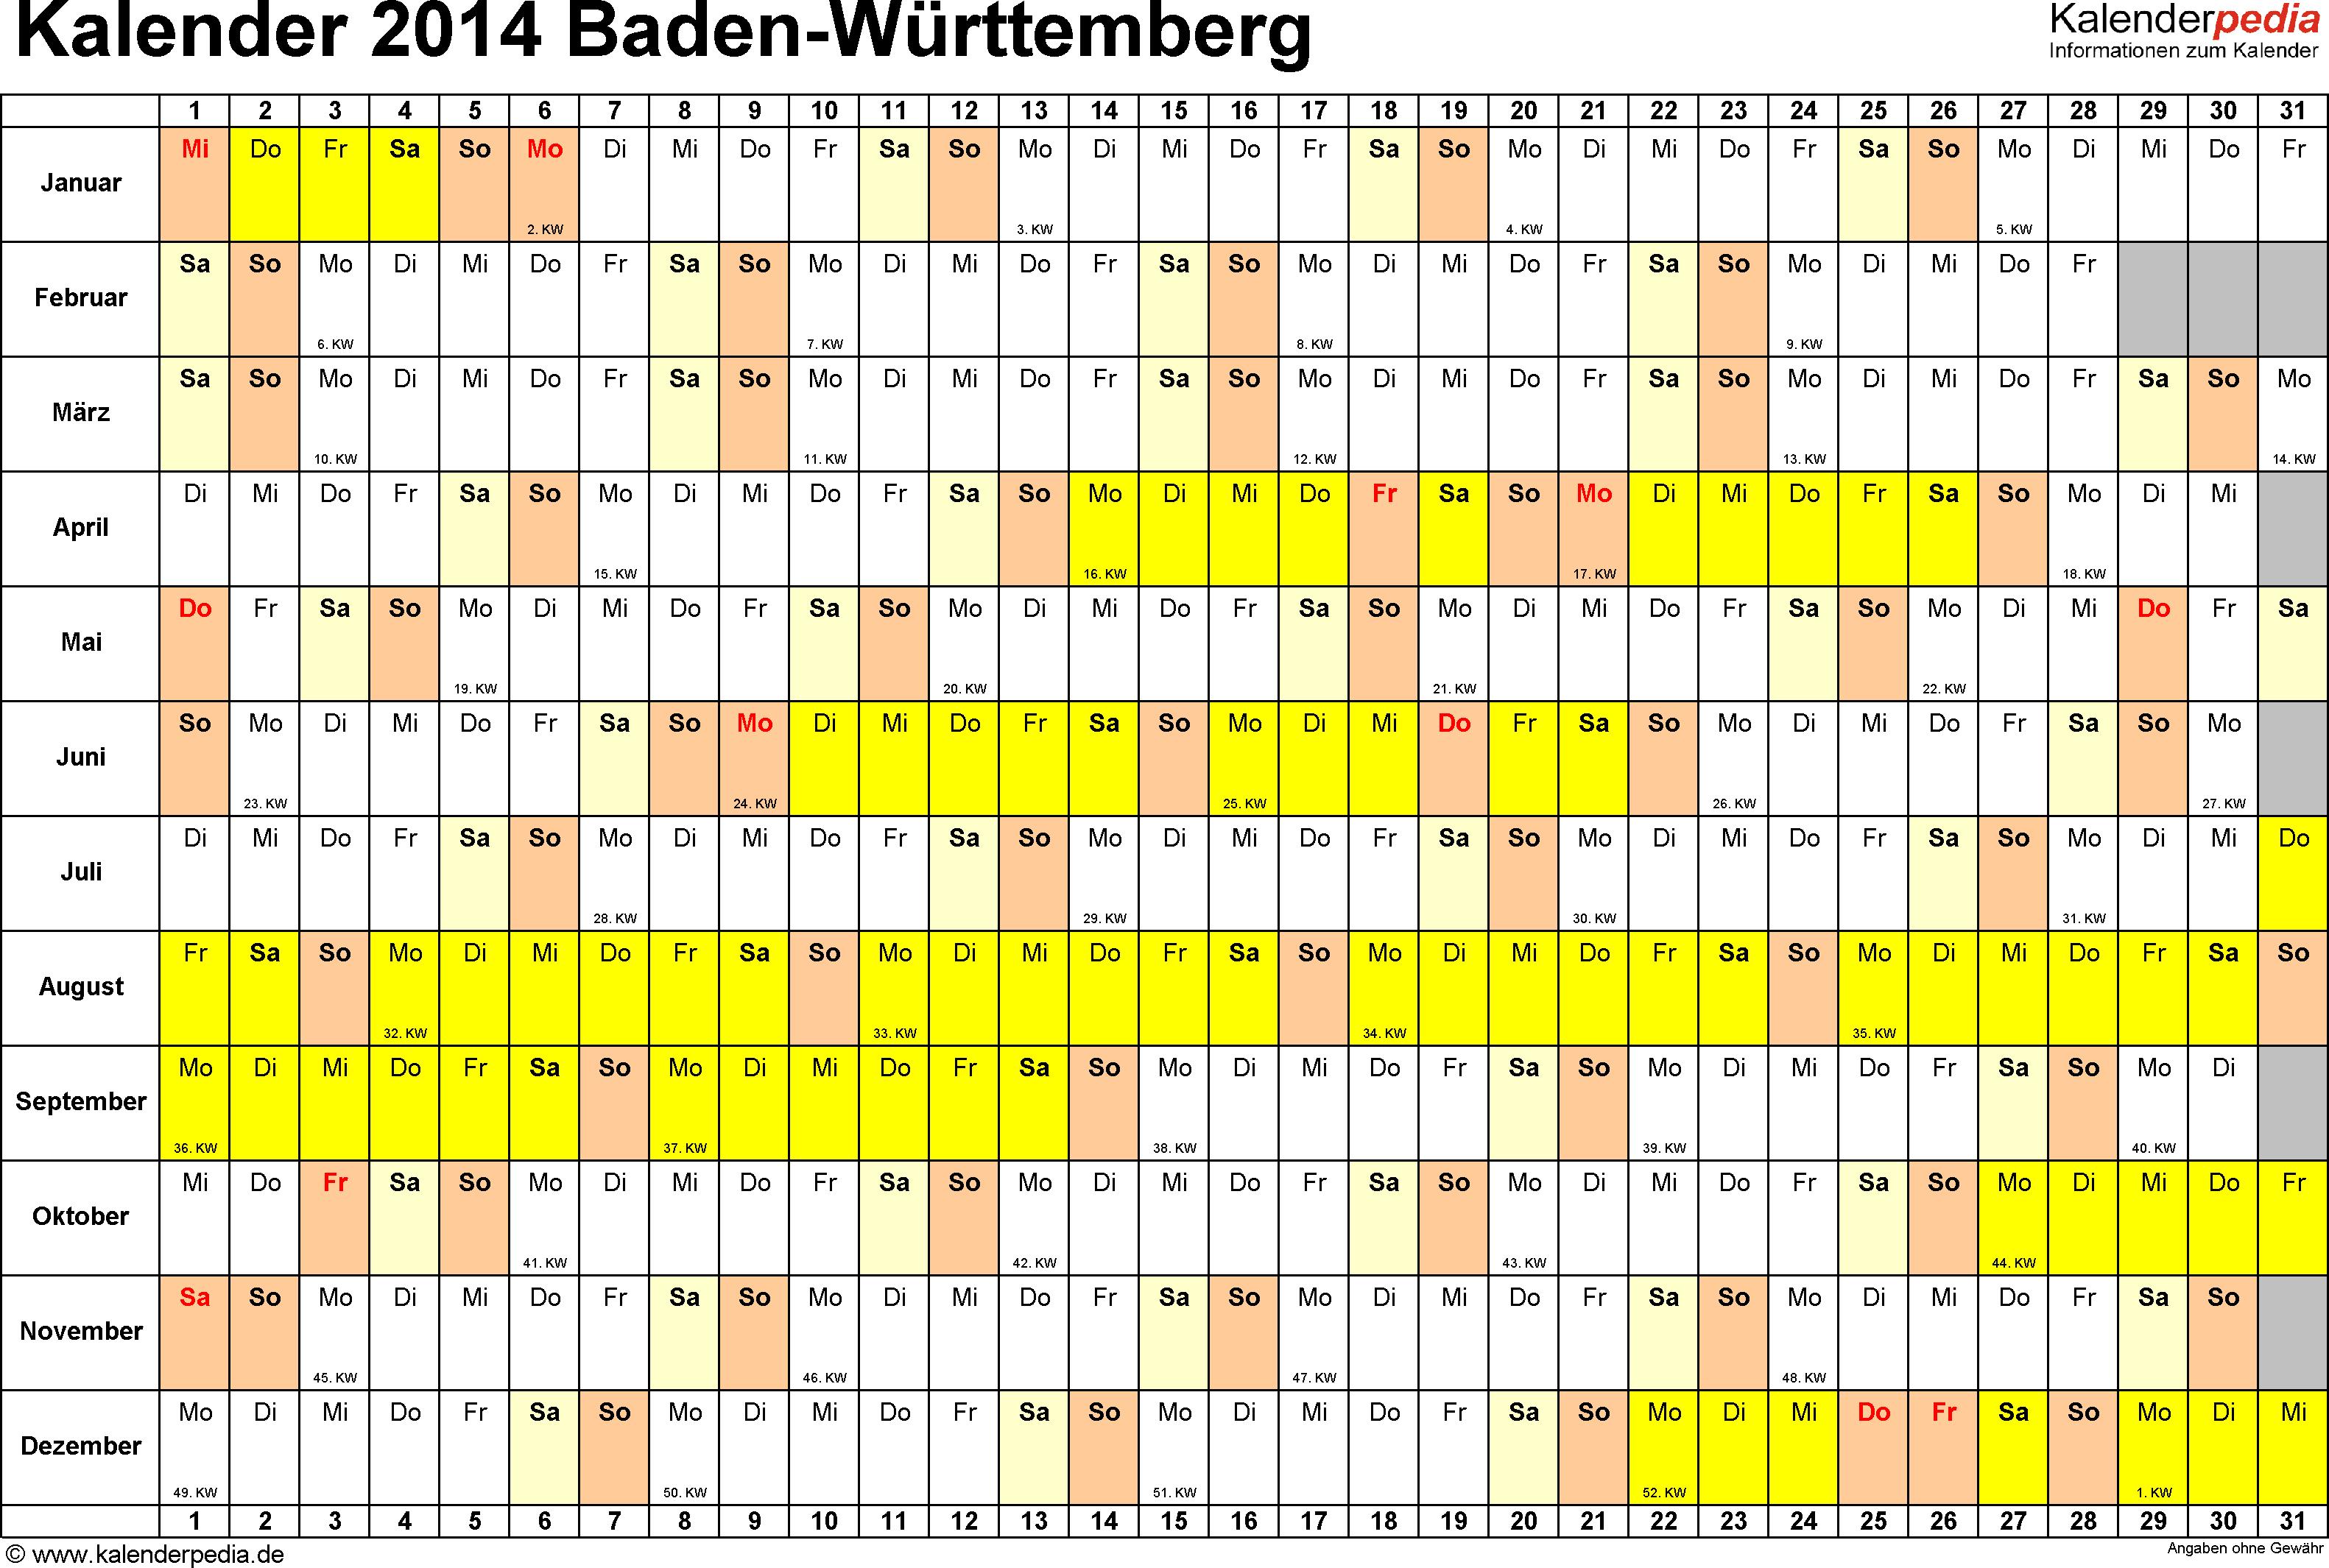 Vorlage 2: Kalender Baden-Württemberg 2014 im Querformat, Tage nebeneinander